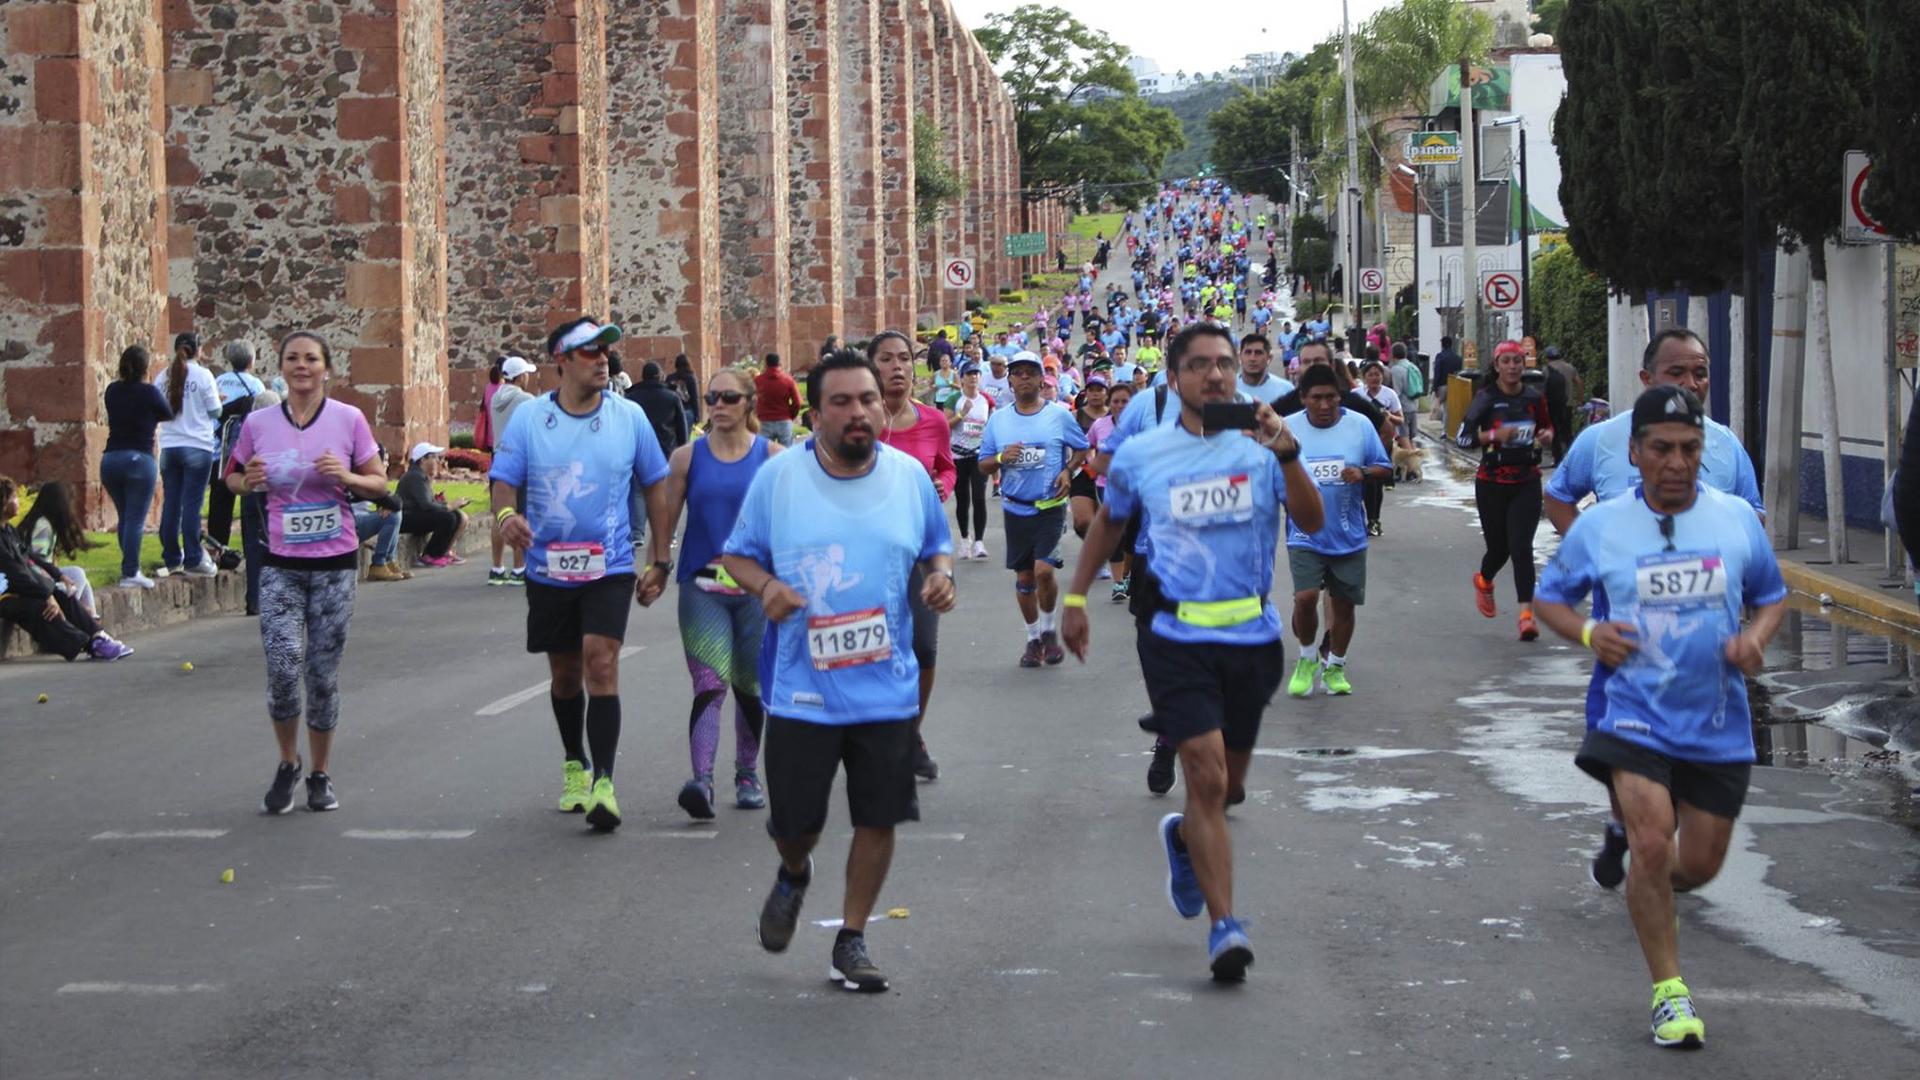 maraton queretaro resultados